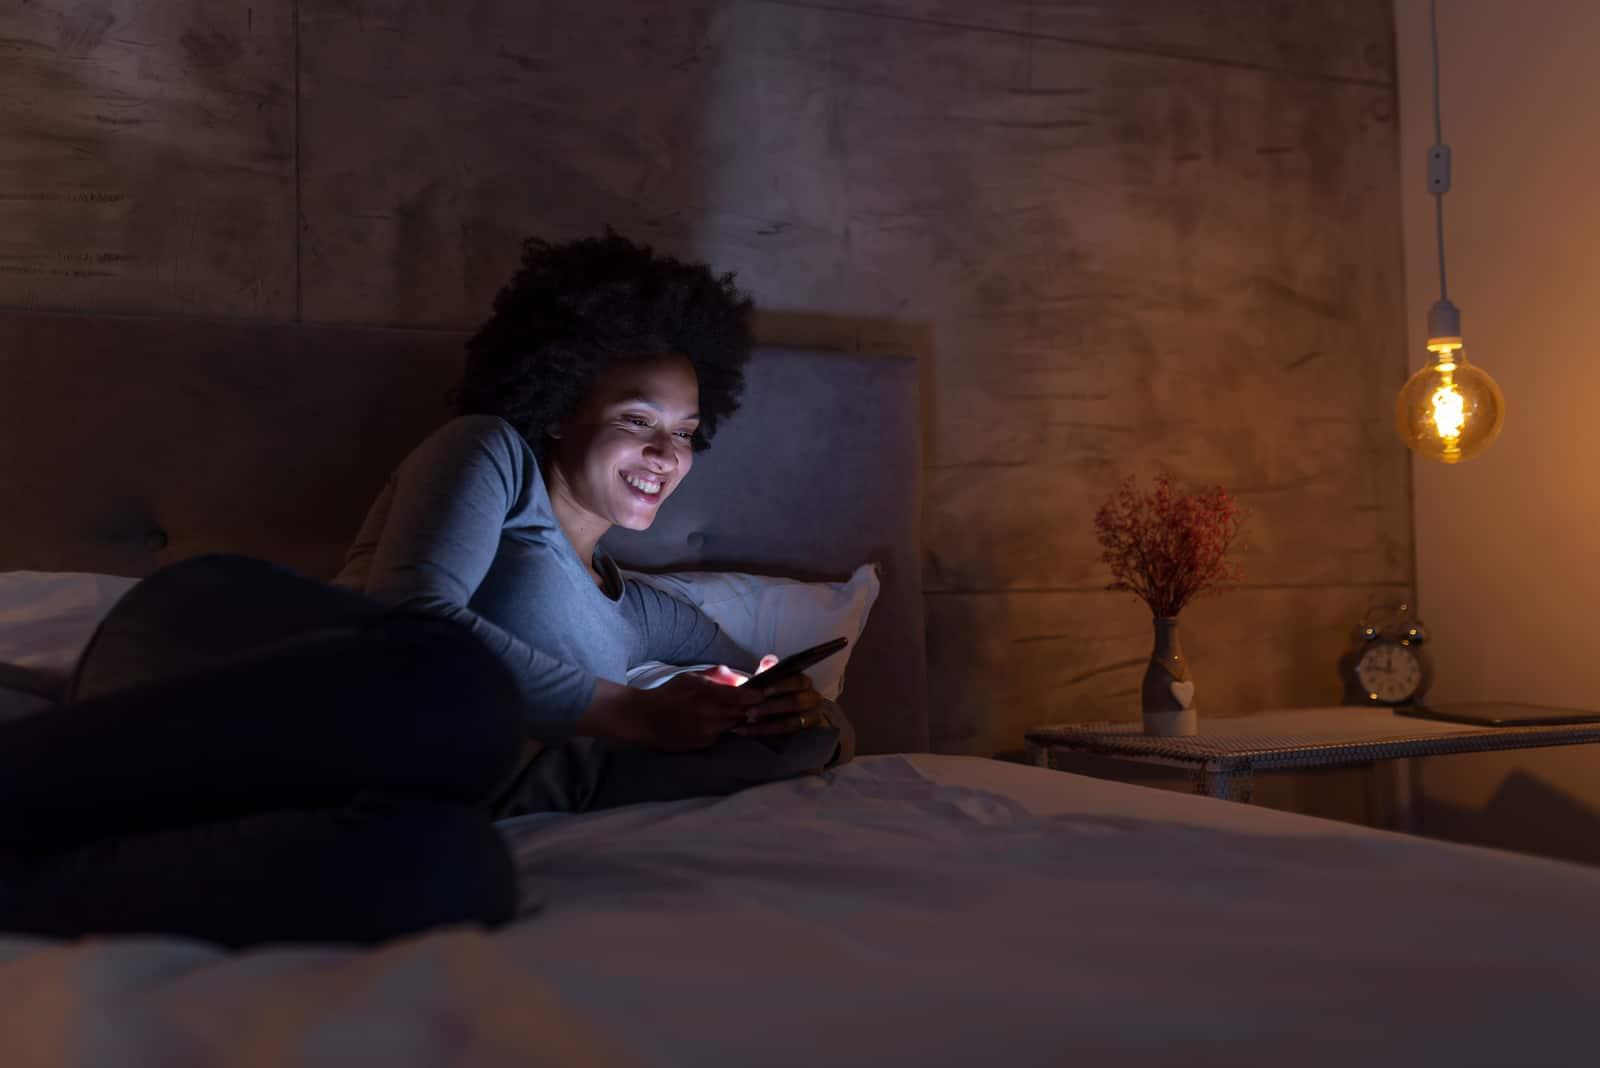 une femme souriante couchée dans son lit et en appuyant sur un téléphone